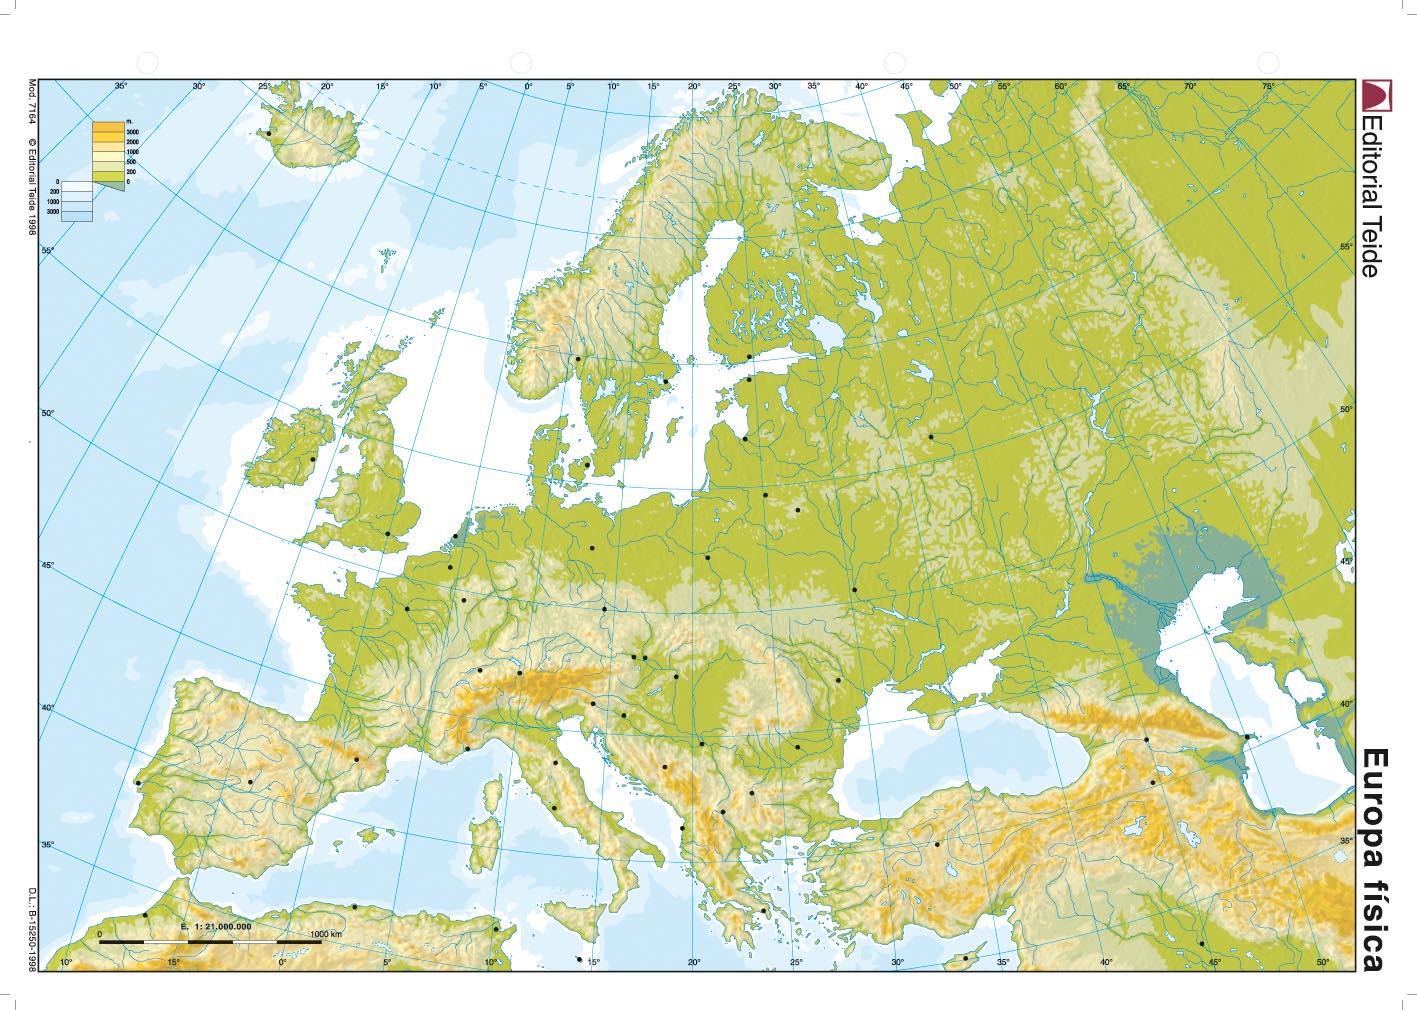 Juegos de Geografa  Juego de Mapa mares de Europa  Cerebriti